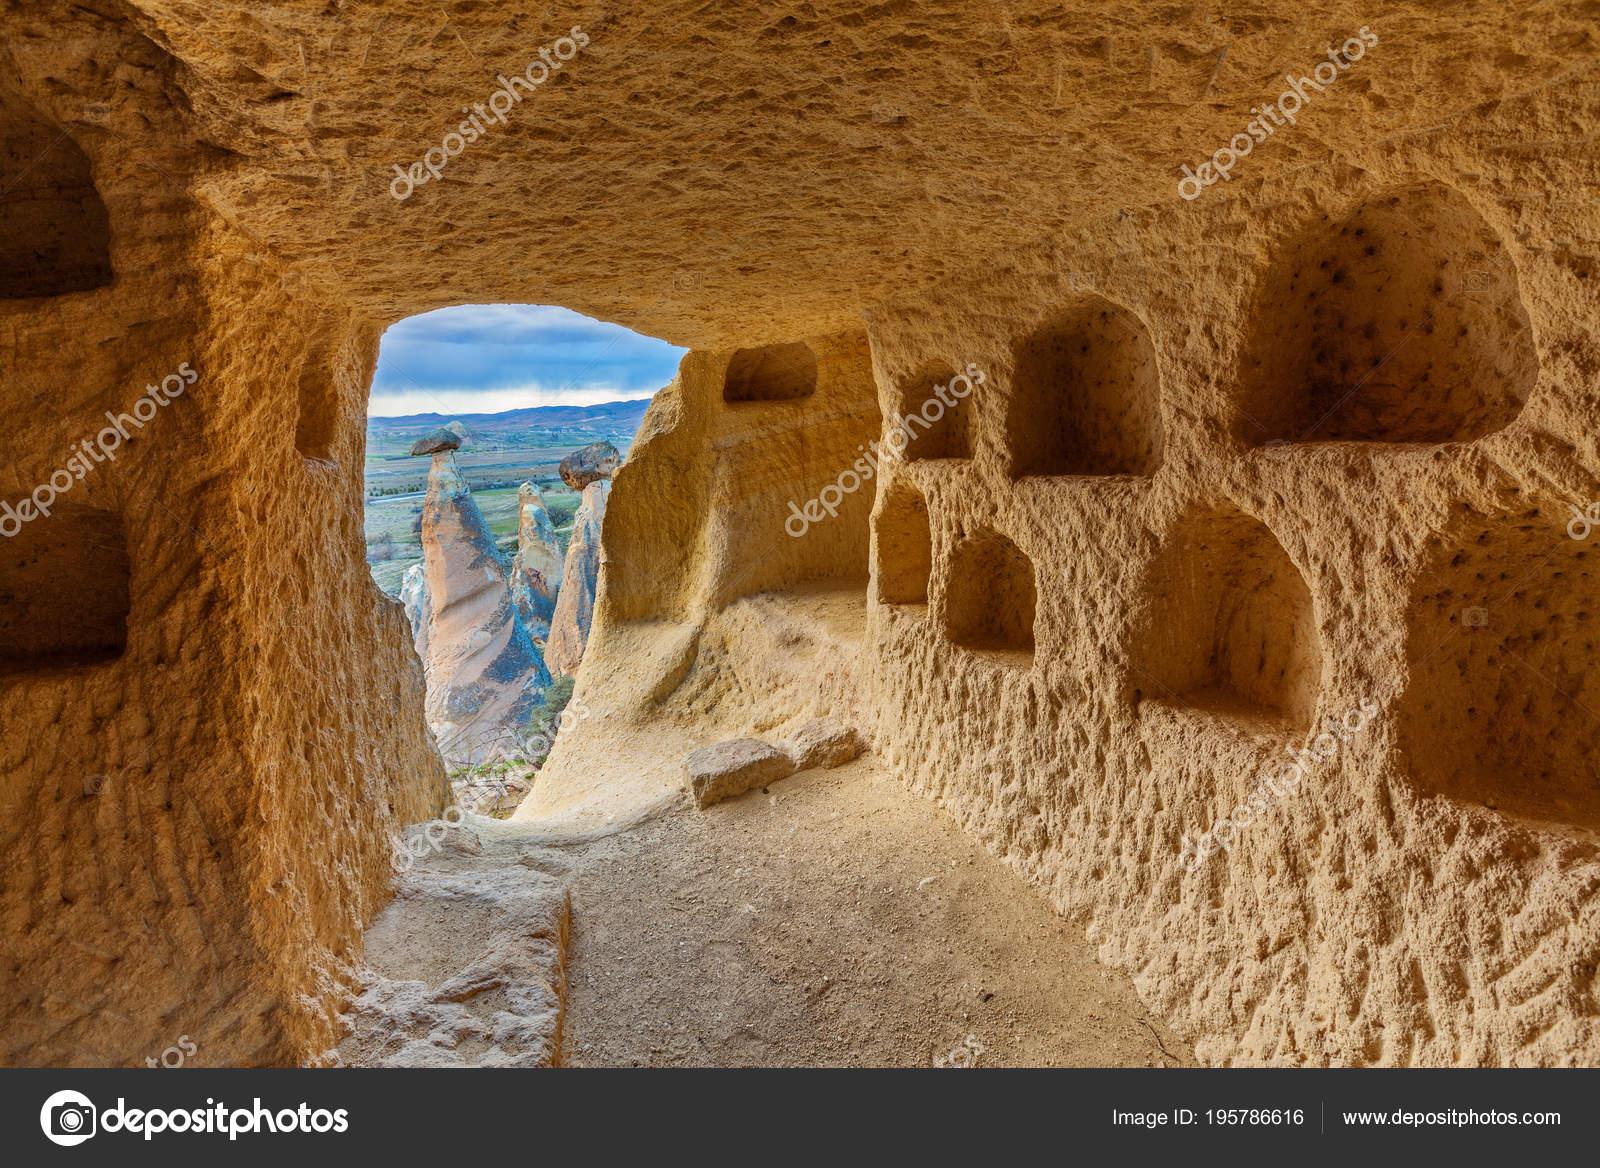 La Casa Nella Roccia.Grotta La Casa Nella Roccia Foto Stock C Stramyk 195786616